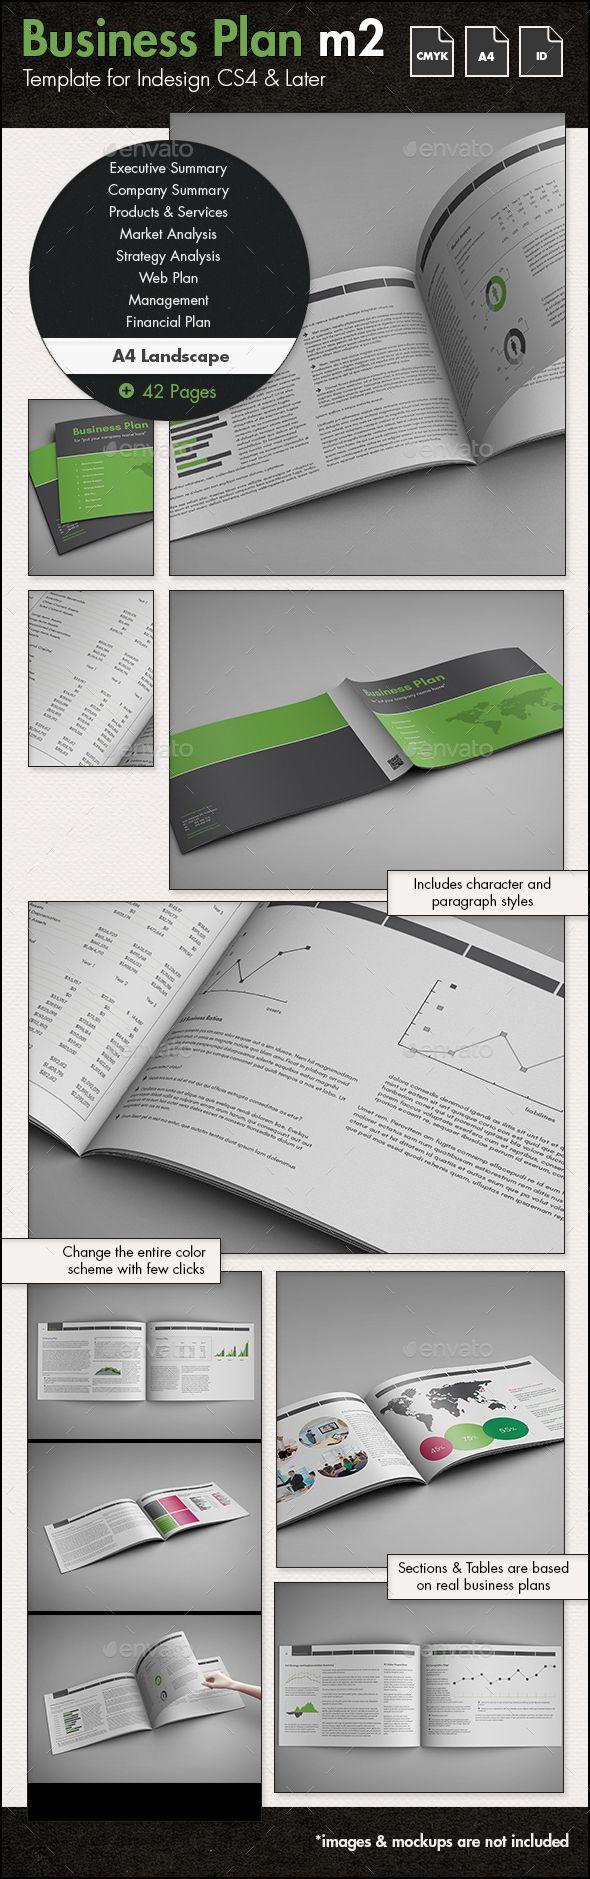 Business Plan Template m2 - A4 Landscape